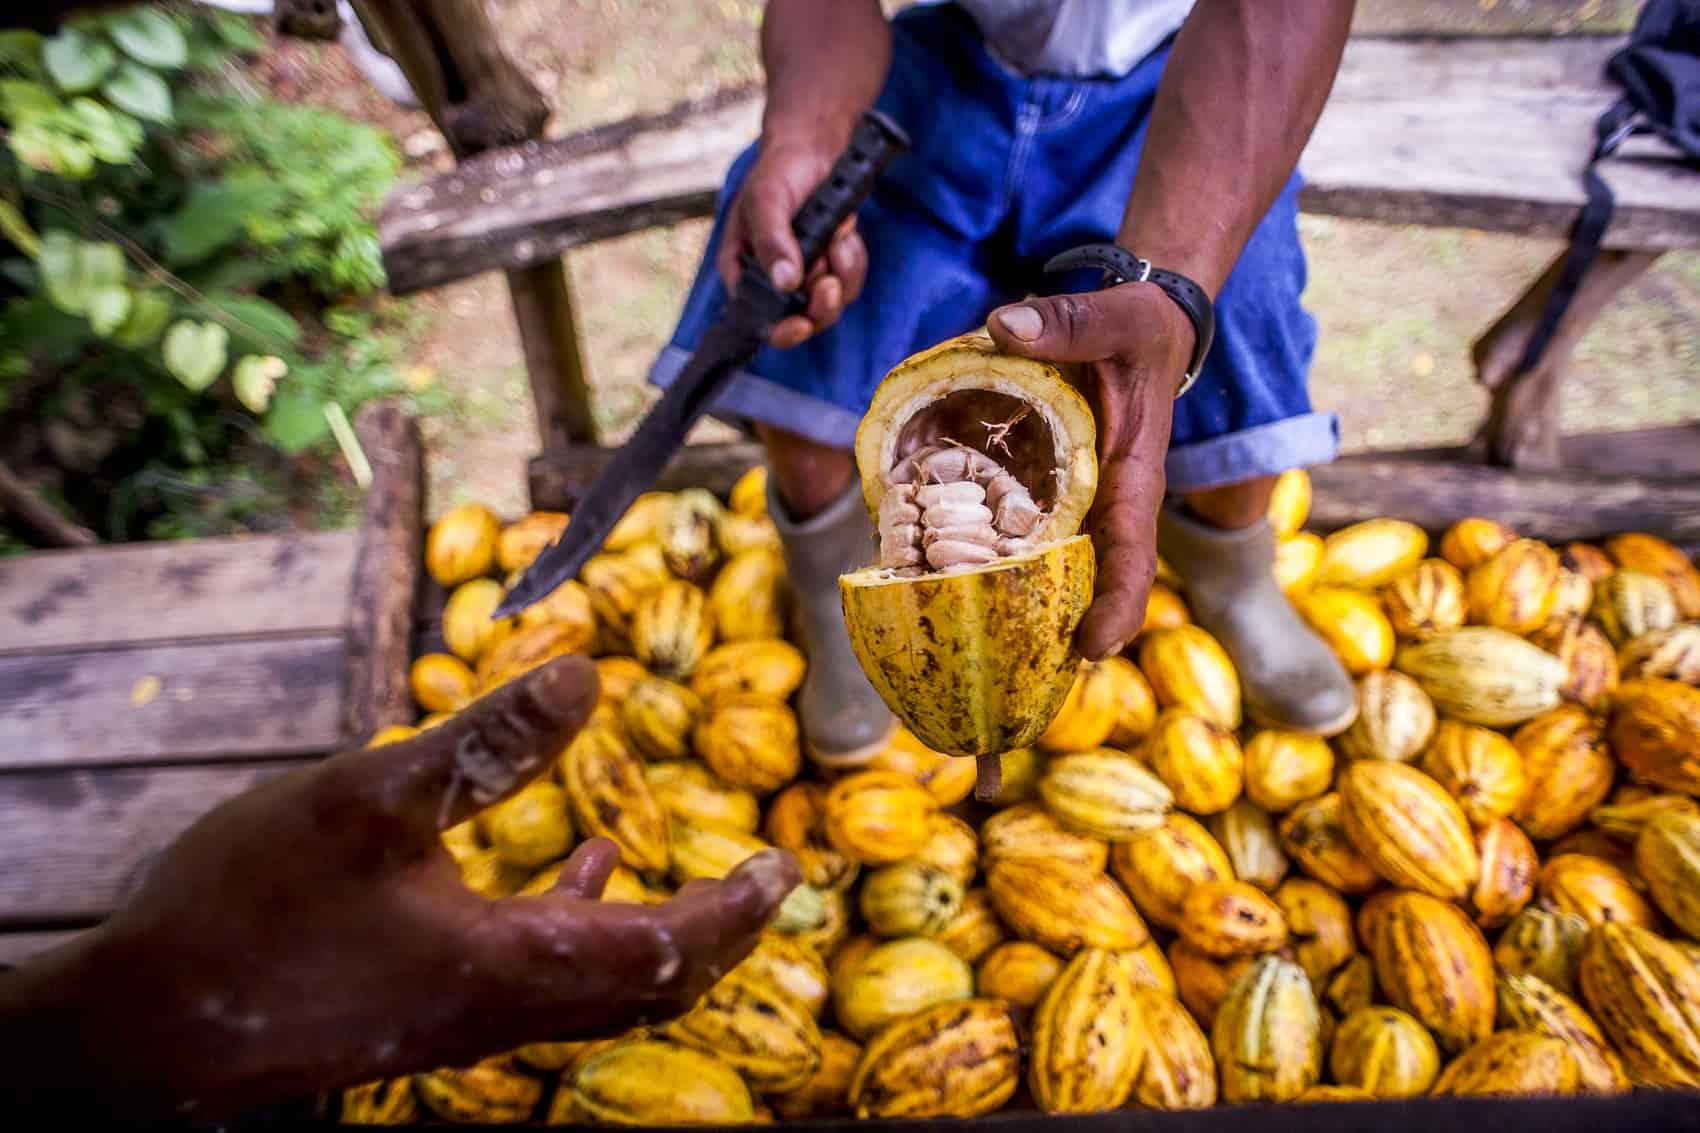 Tropical foods: Cacao pods